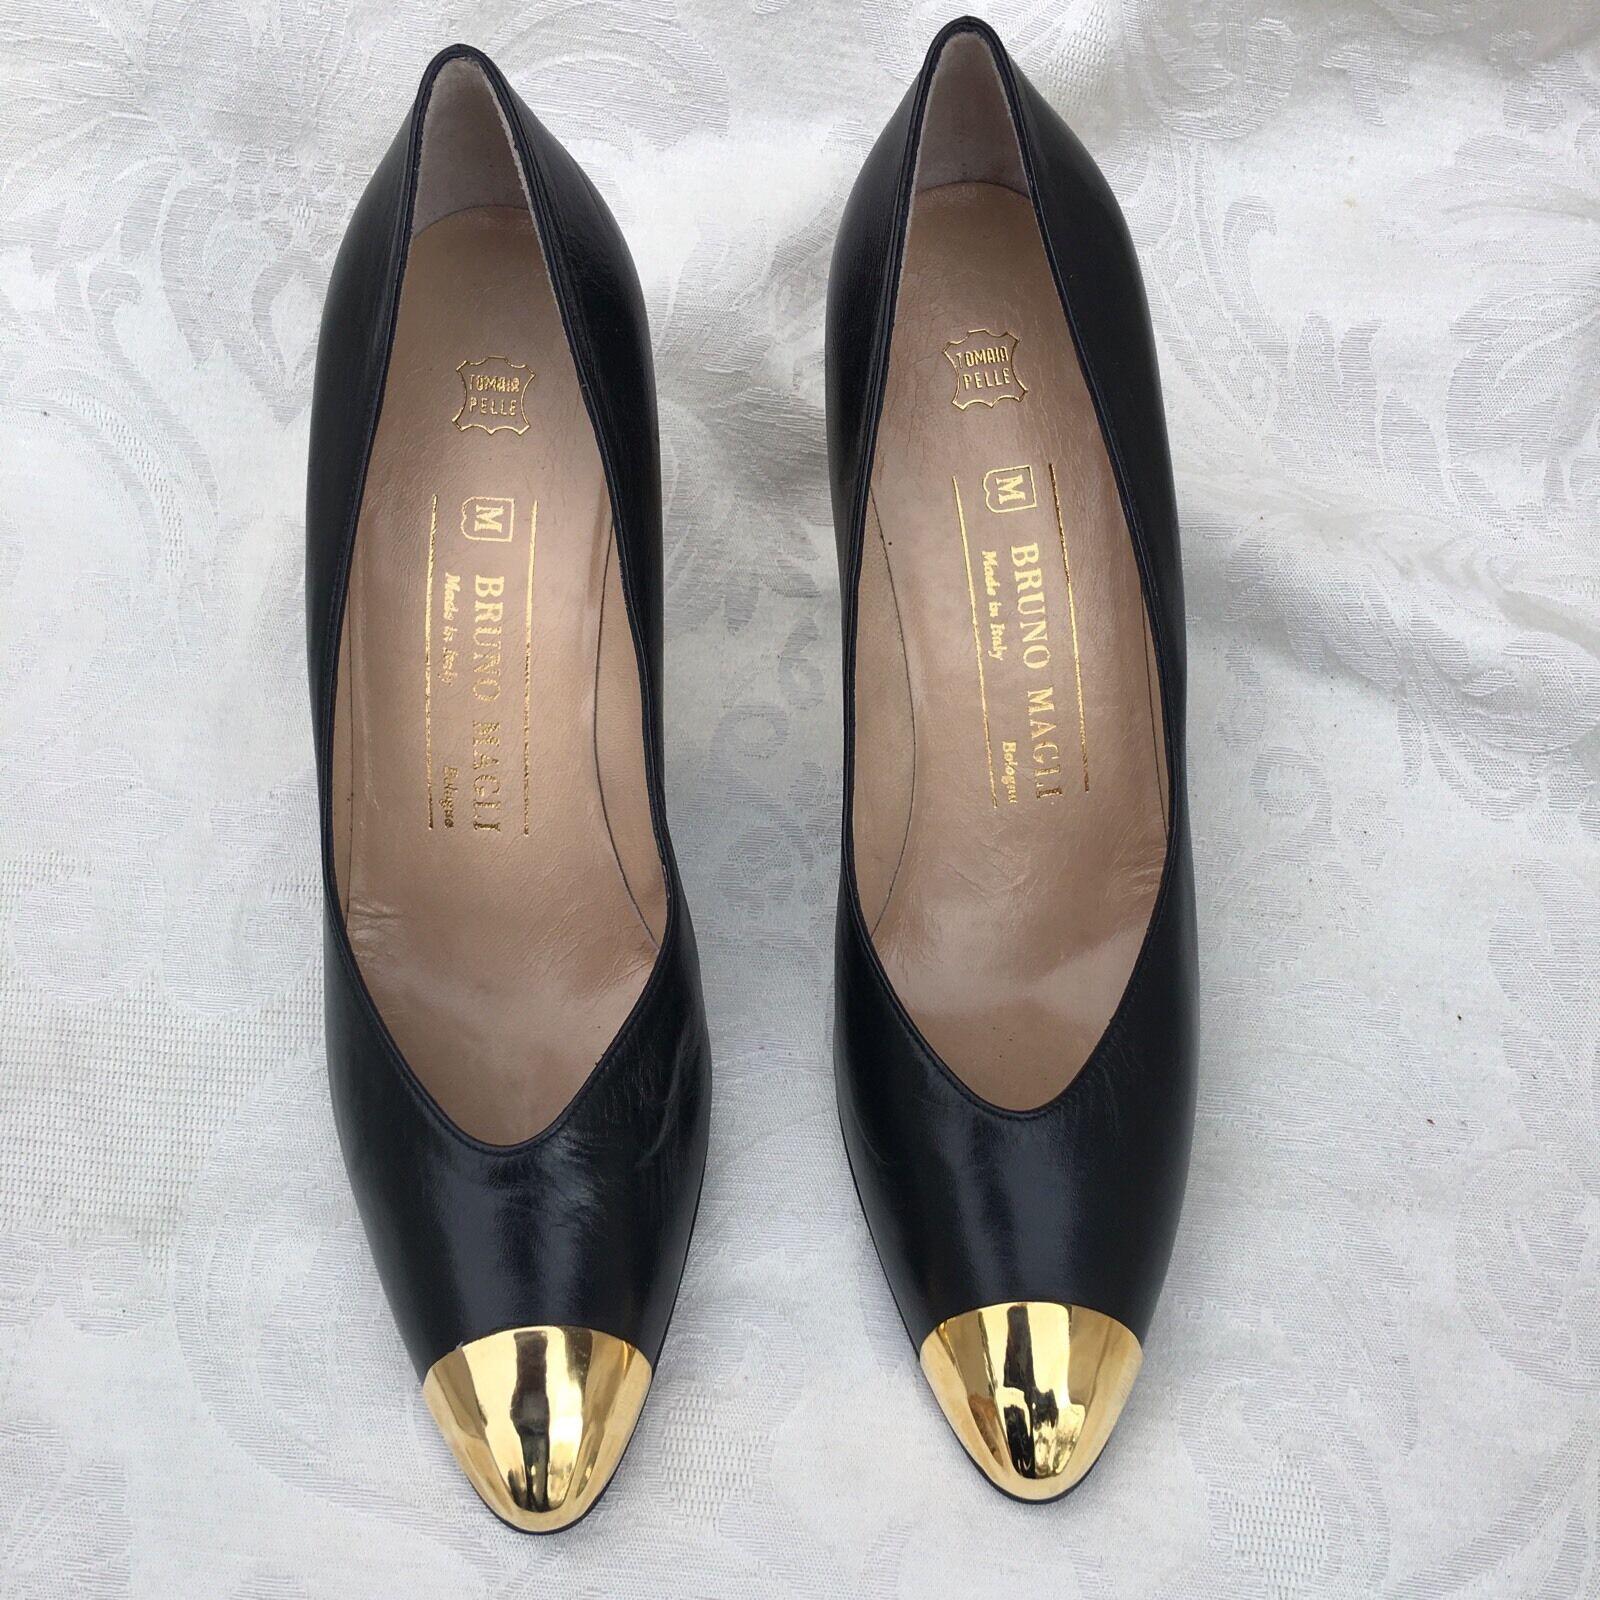 Nuevo Bruno Magli Hecho en Italia Bolonia Negro Negro Negro Cuero Bombas Tacones Zapatos 7.5 AA  solo cómpralo